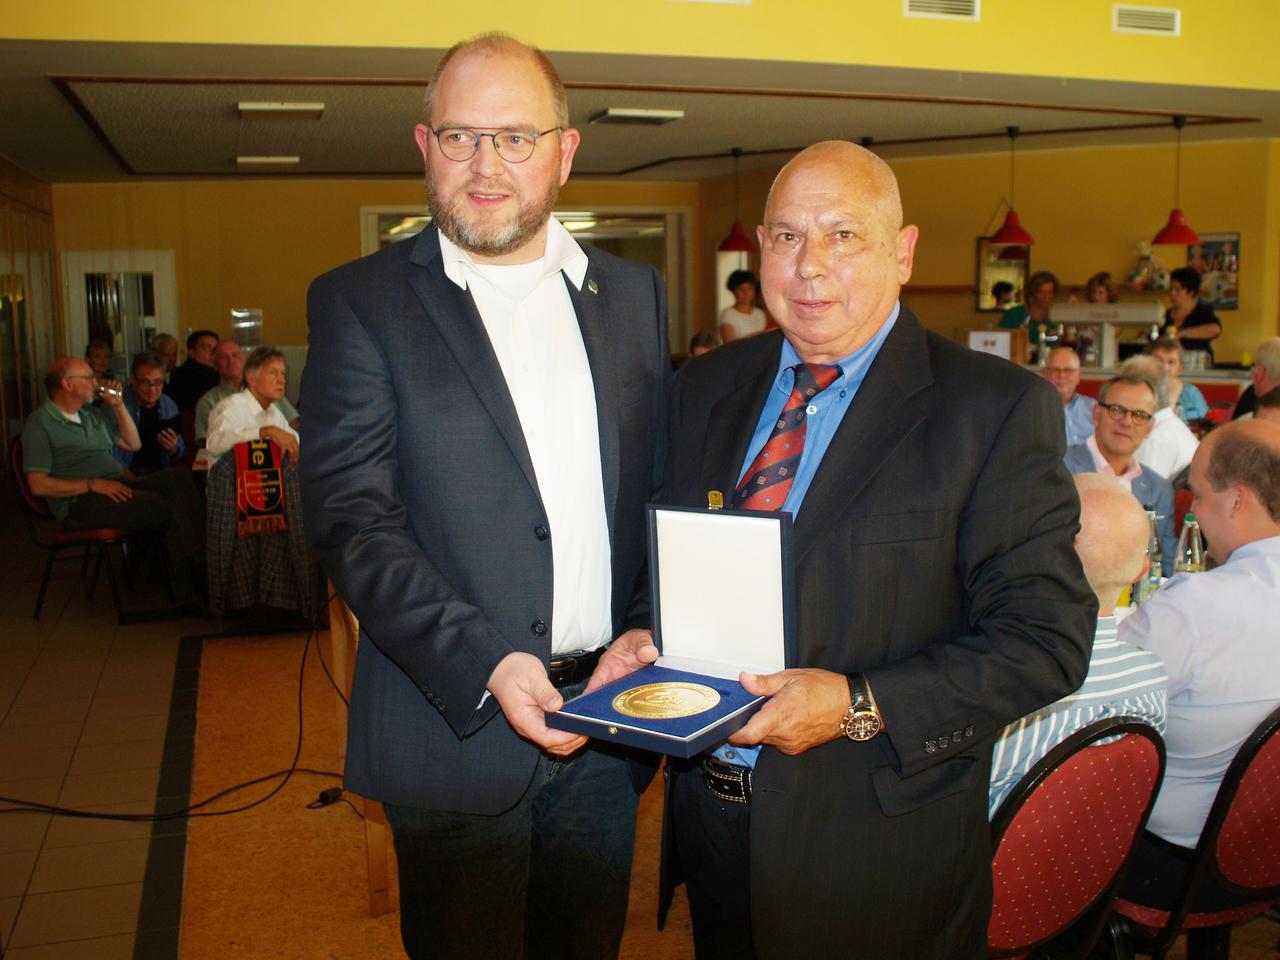 Jörn Leiding vom Kreissportbund Rotenburg gratulierte dem Vorsitzenden des TuS Kirchwalsede, Joachim Schoft. Foto: Sünje Lou00ebs